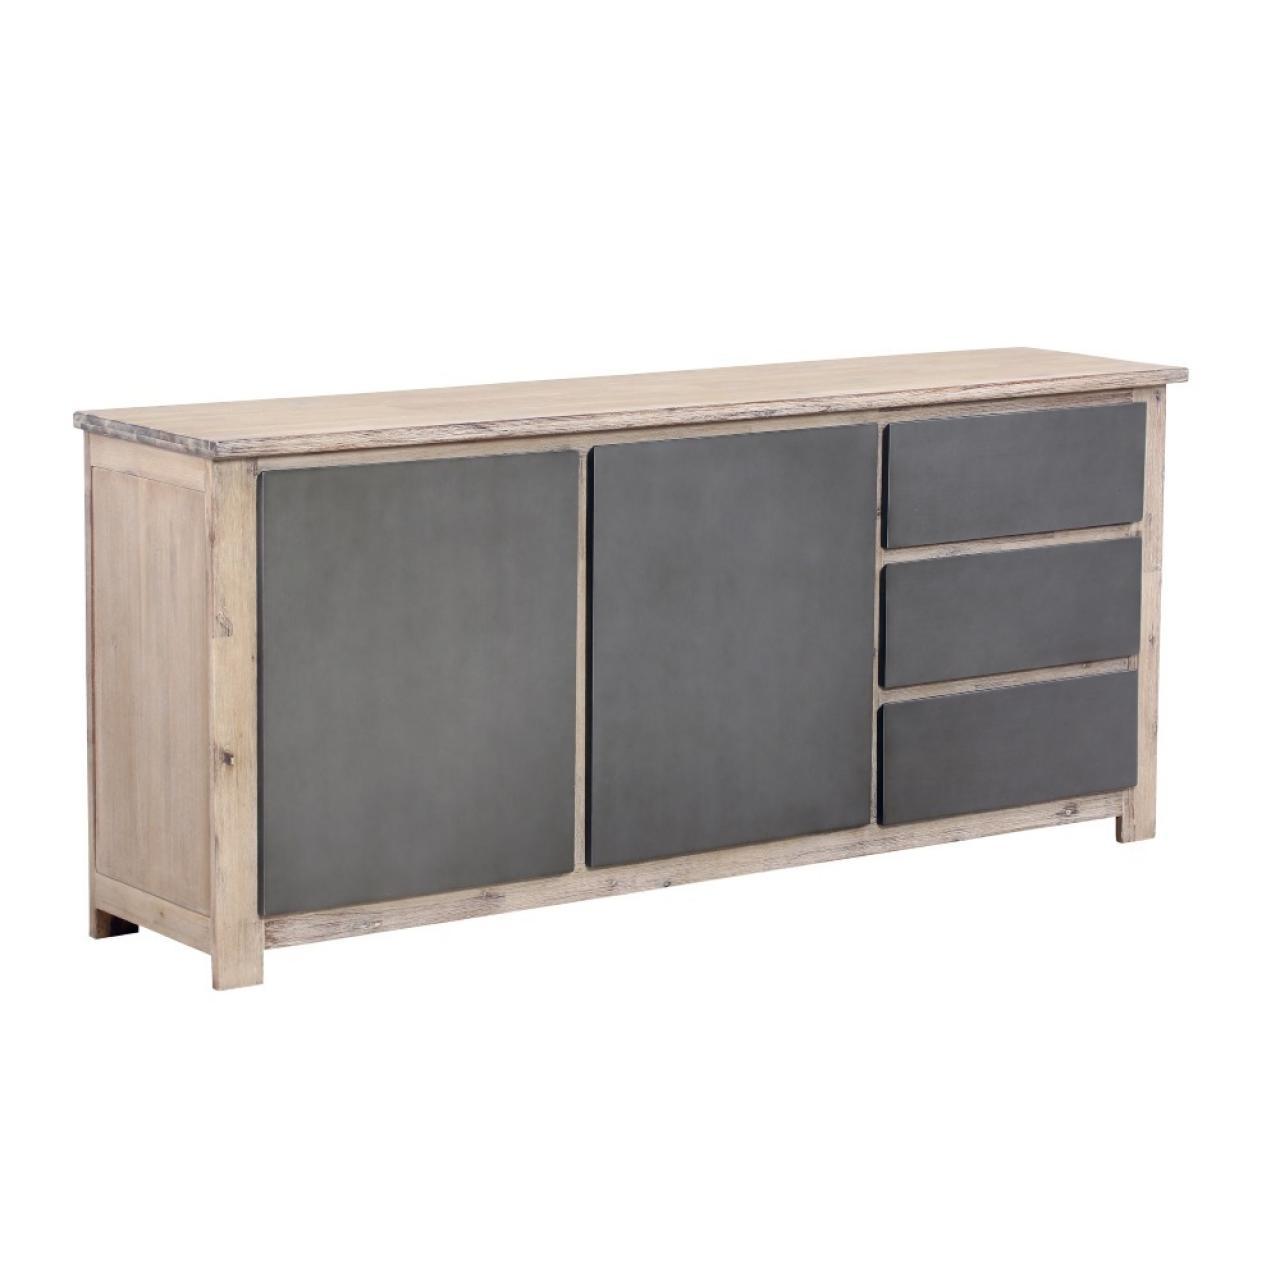 Sideboard RFD Akazien in light grey